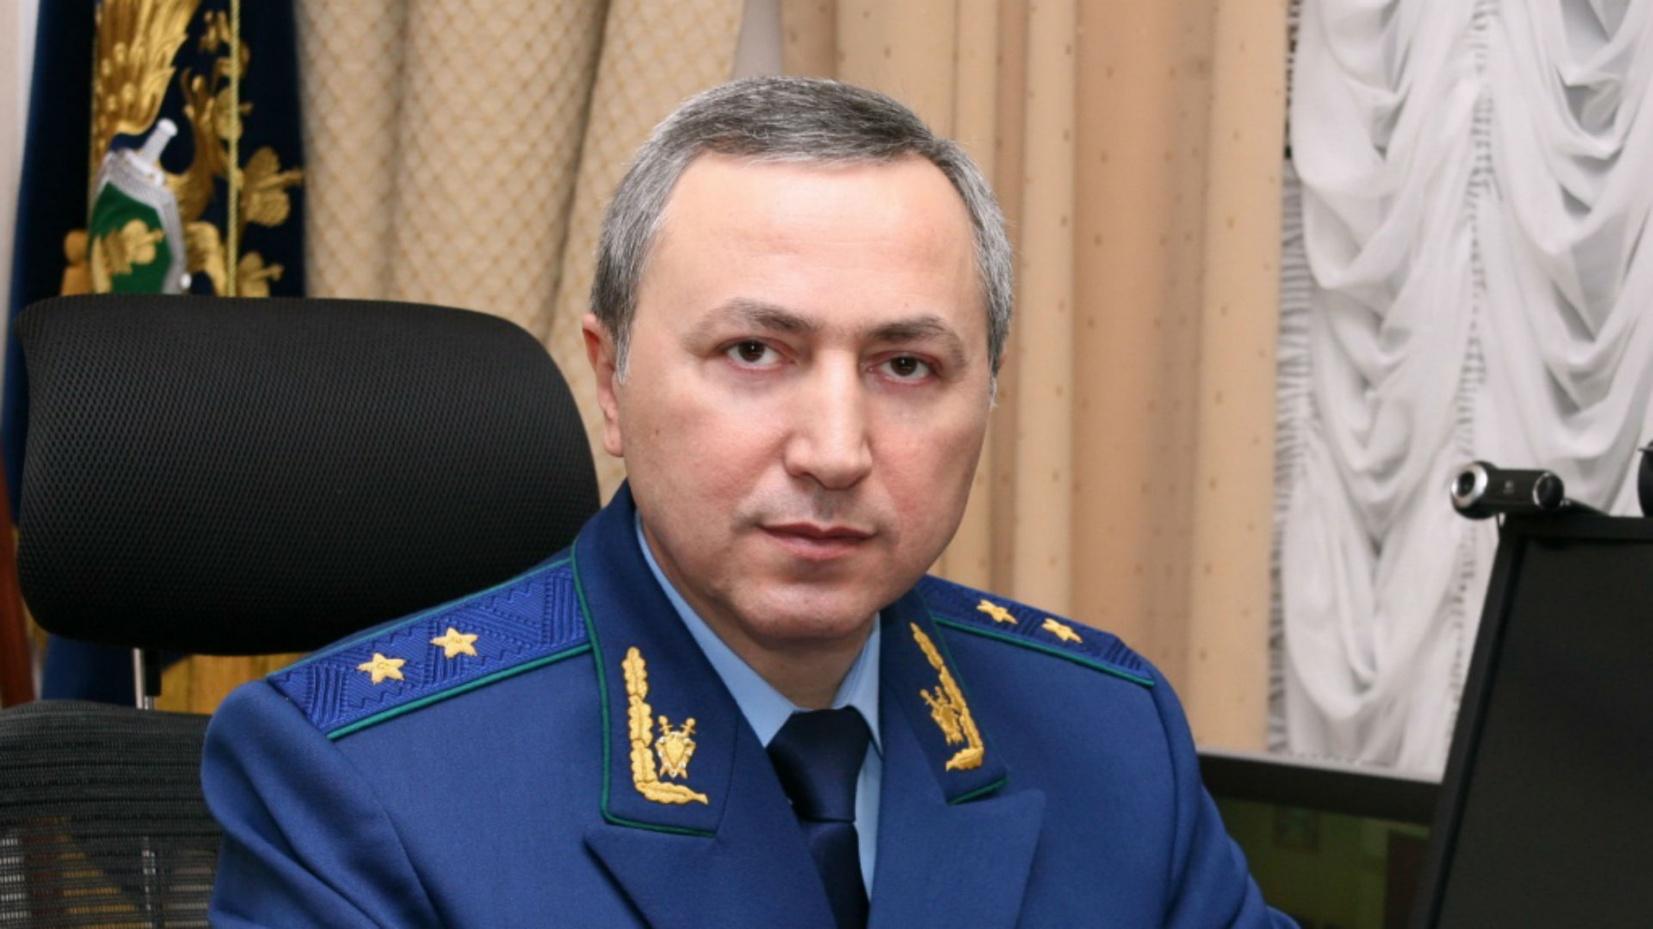 Прокурор Омской области Спиридонов заработал за прошлый год почти 4 млн. рублей